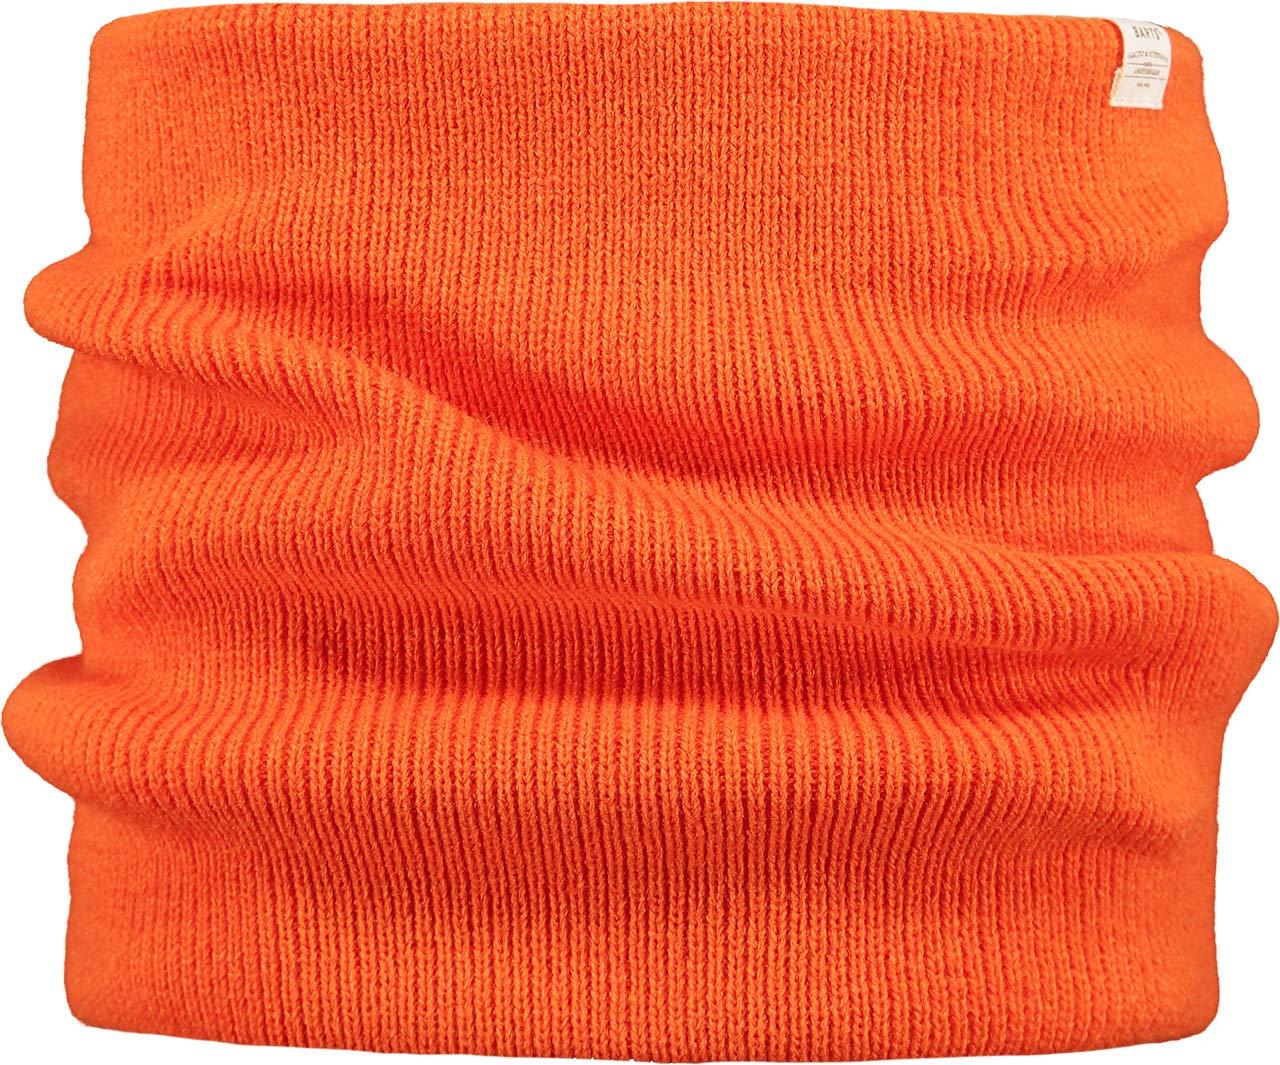 Barts Kinabalu Col, orange